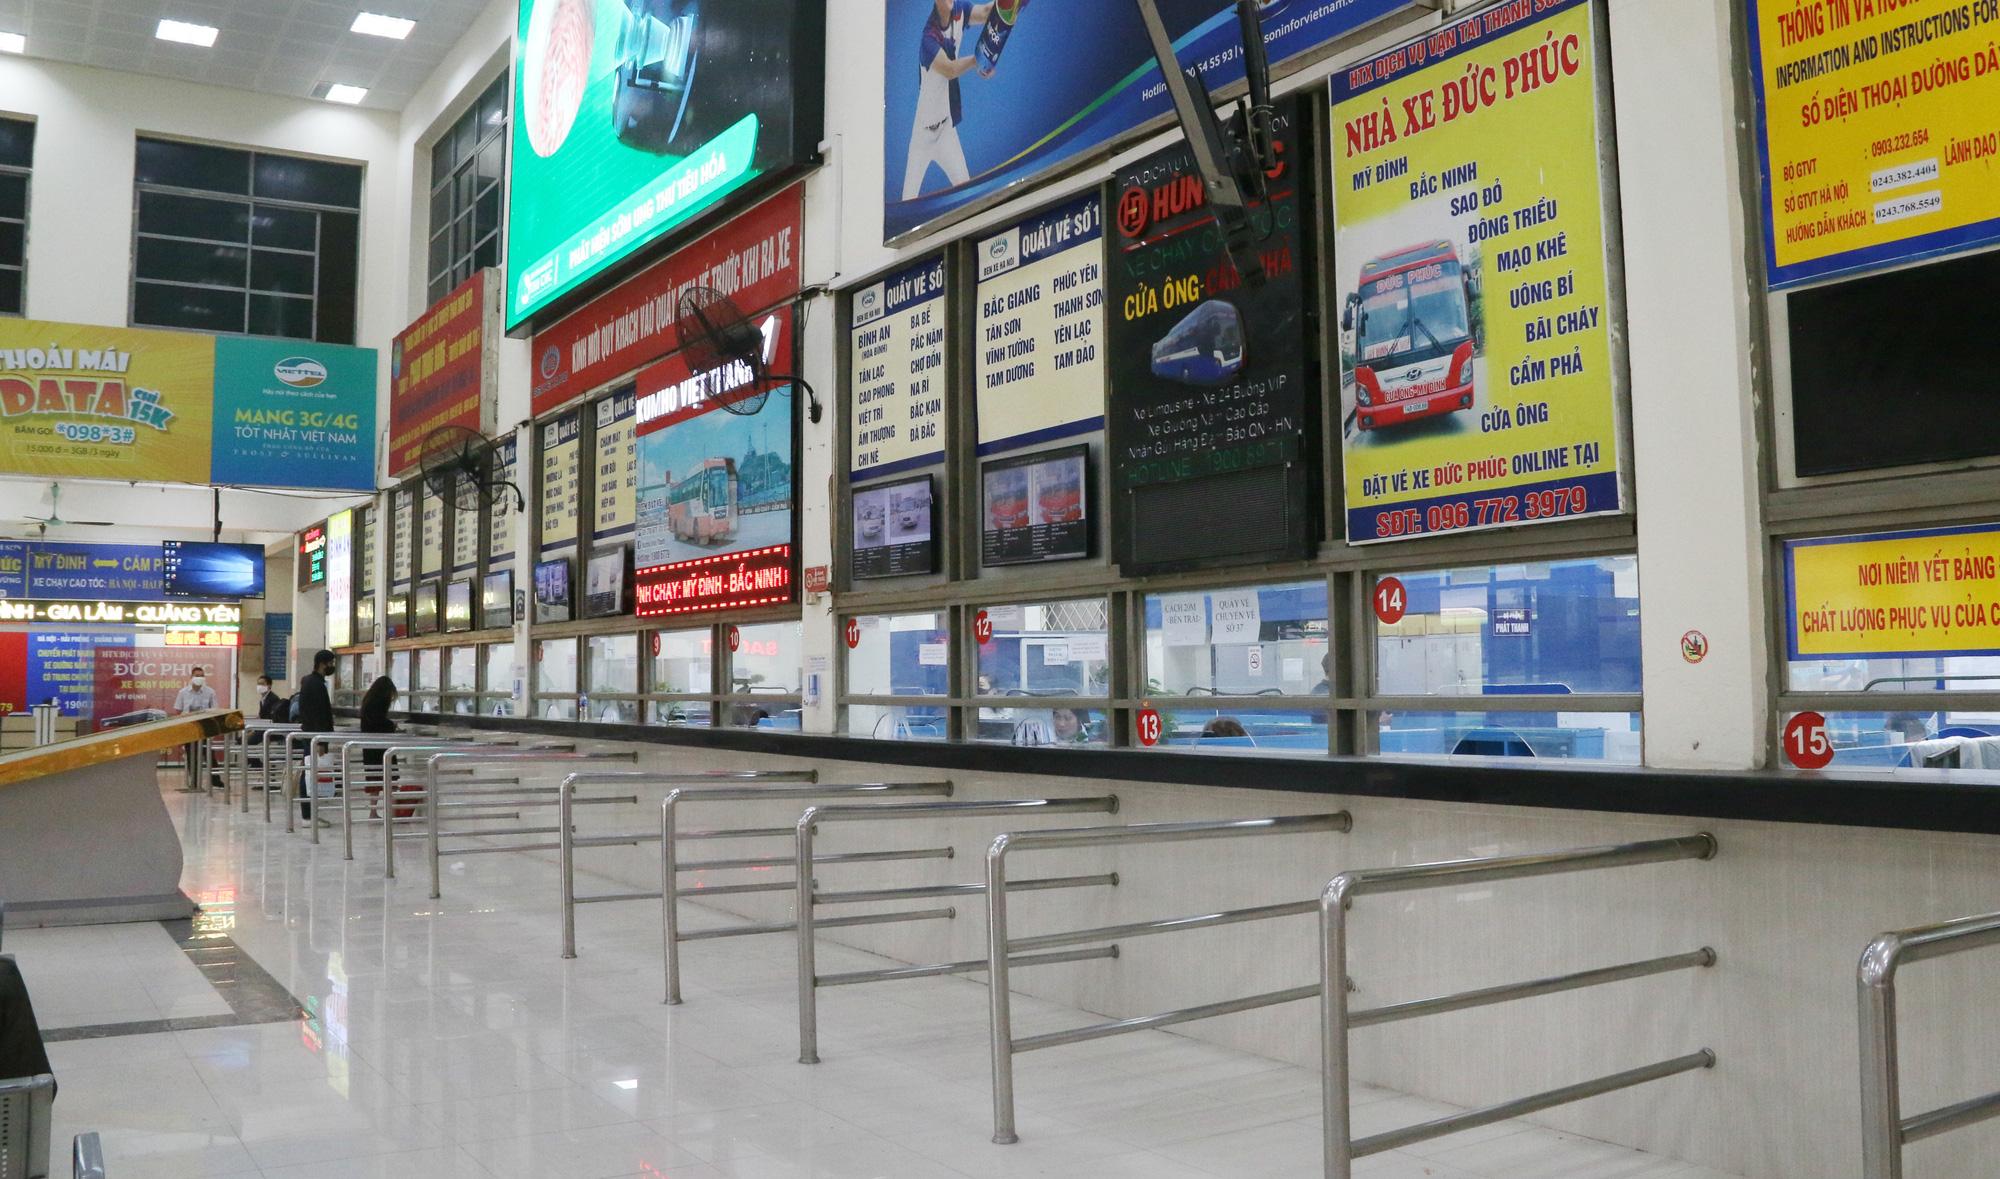 Cảnh vắng lặng ở ga tàu, bến xe Hà Nội: Nhiều chuyến xe rời bến chỉ mình tài xế, không hành khách - Ảnh 1.